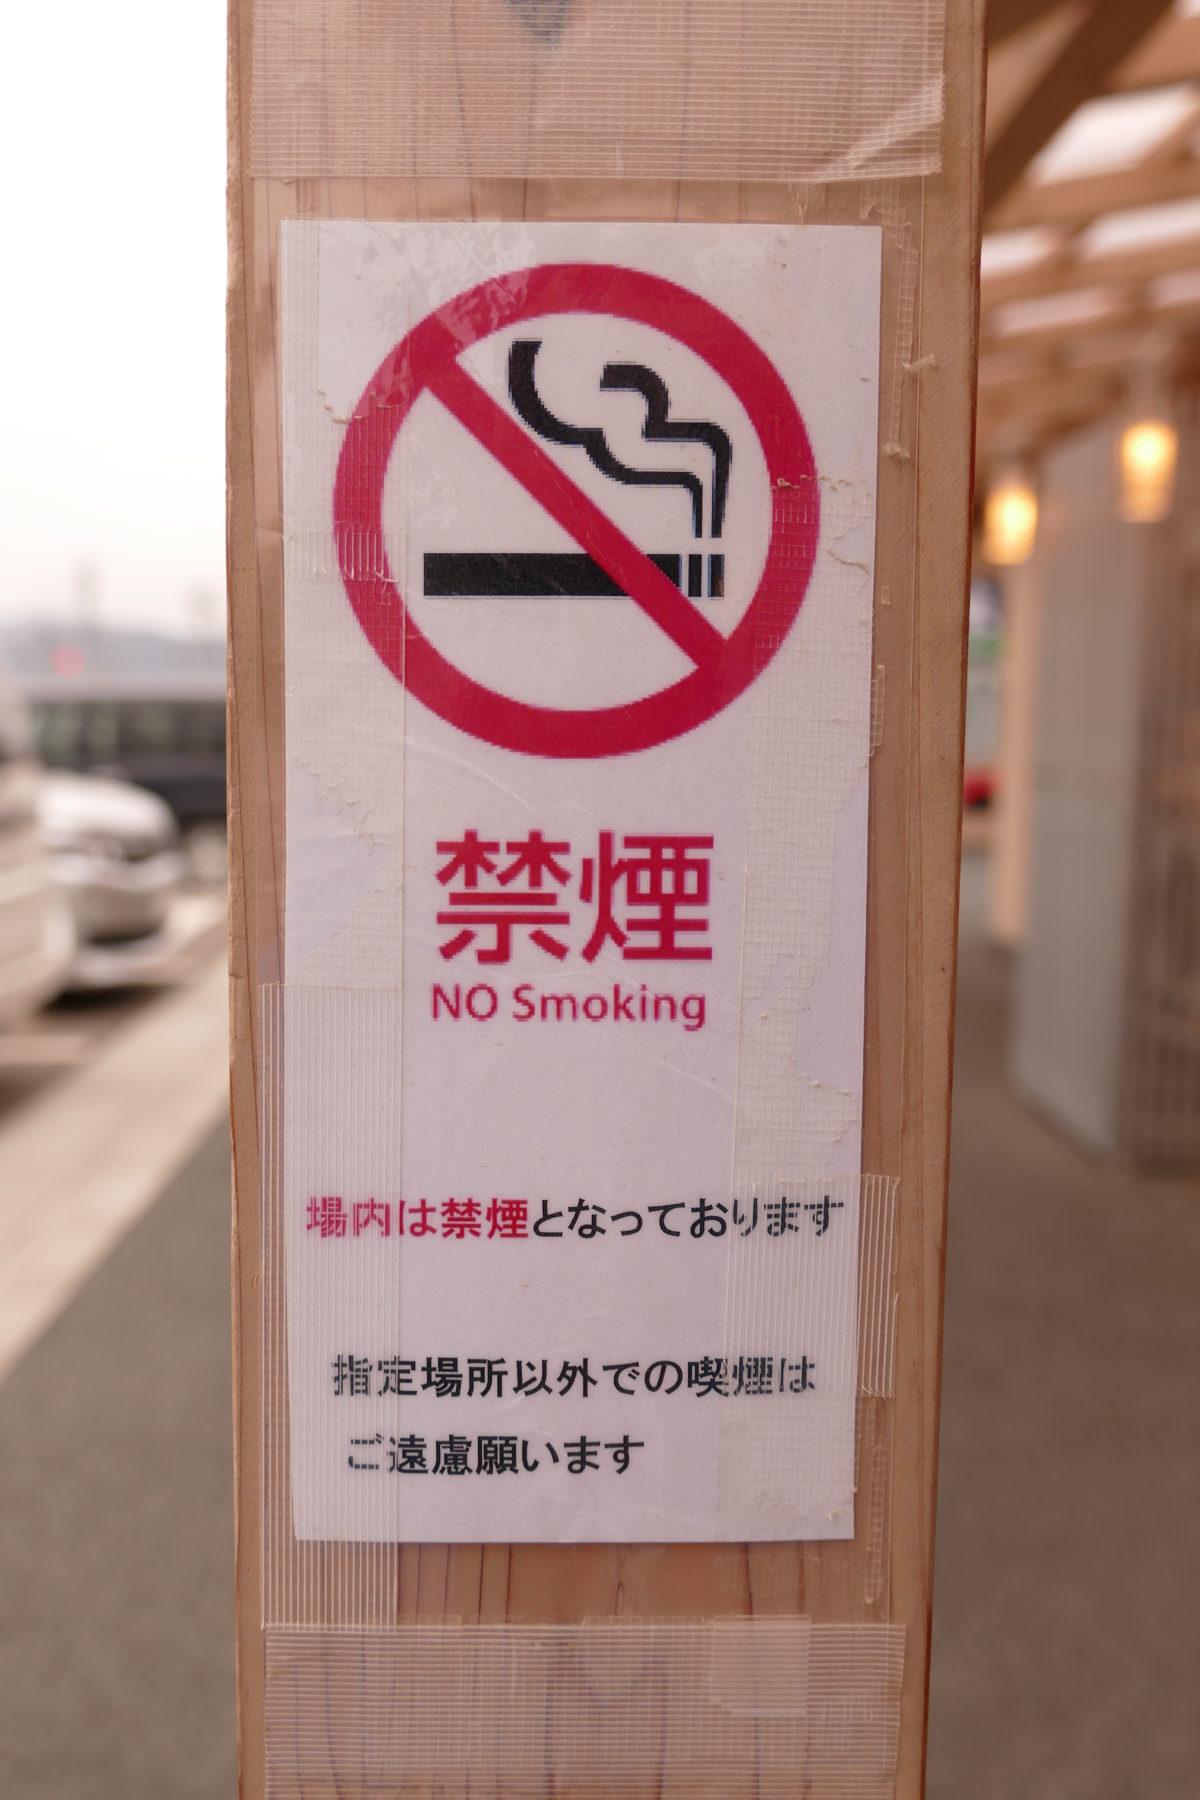 タバコは所定の『喫煙所』で!さんさん商店街は『場内禁煙』となっております!